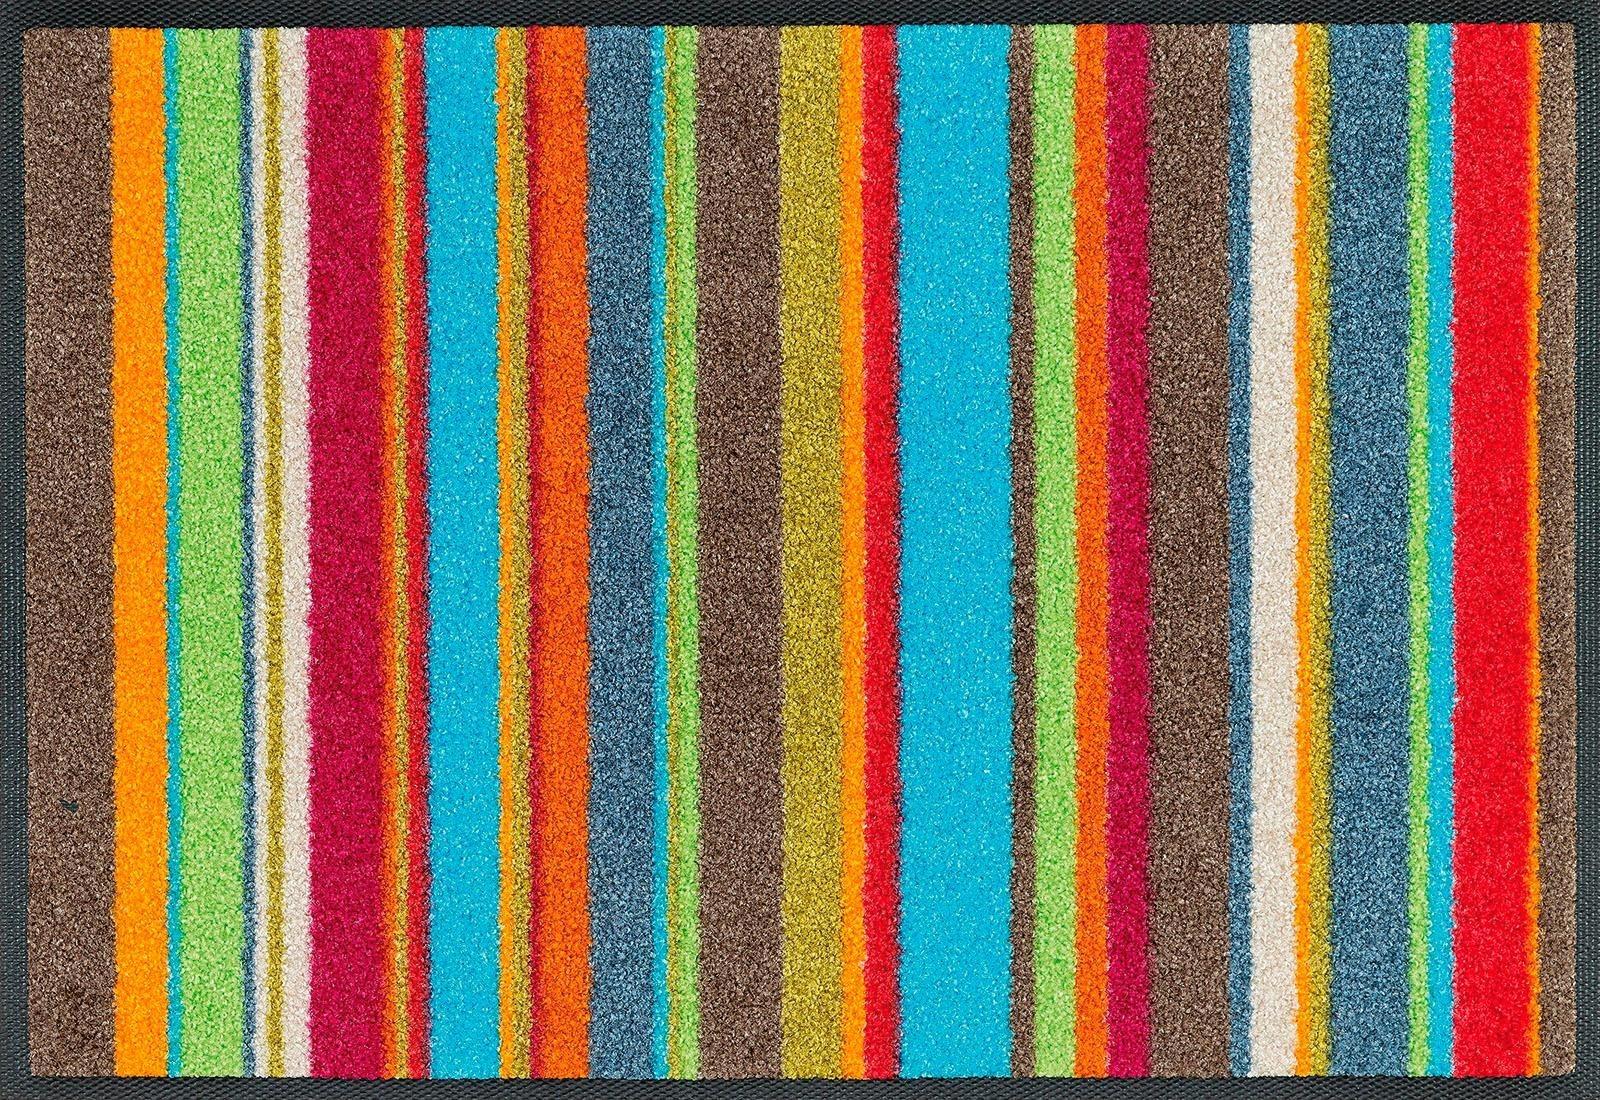 Fußmatte »Stripes«, wash+dry by Kleen-Tex, rechteckig, Höhe 7 mm | Heimtextilien > Fussmatten | wash+dry by Kleen-Tex